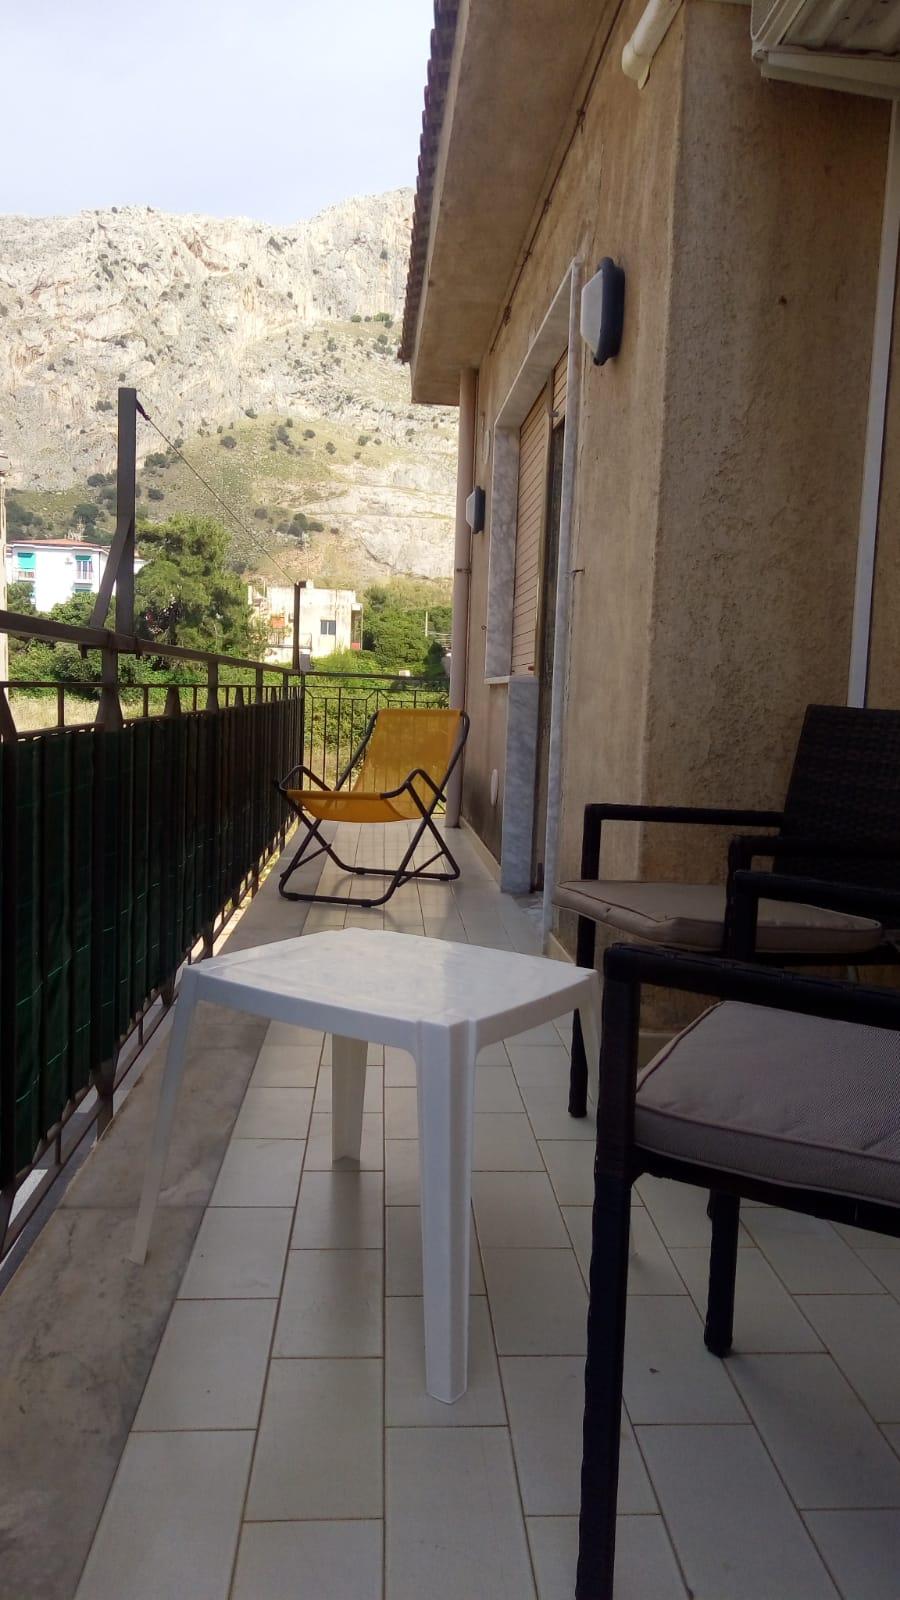 Locasi appartamento, per brevi periodi, Comune di Isola delle Femmine, Palermo